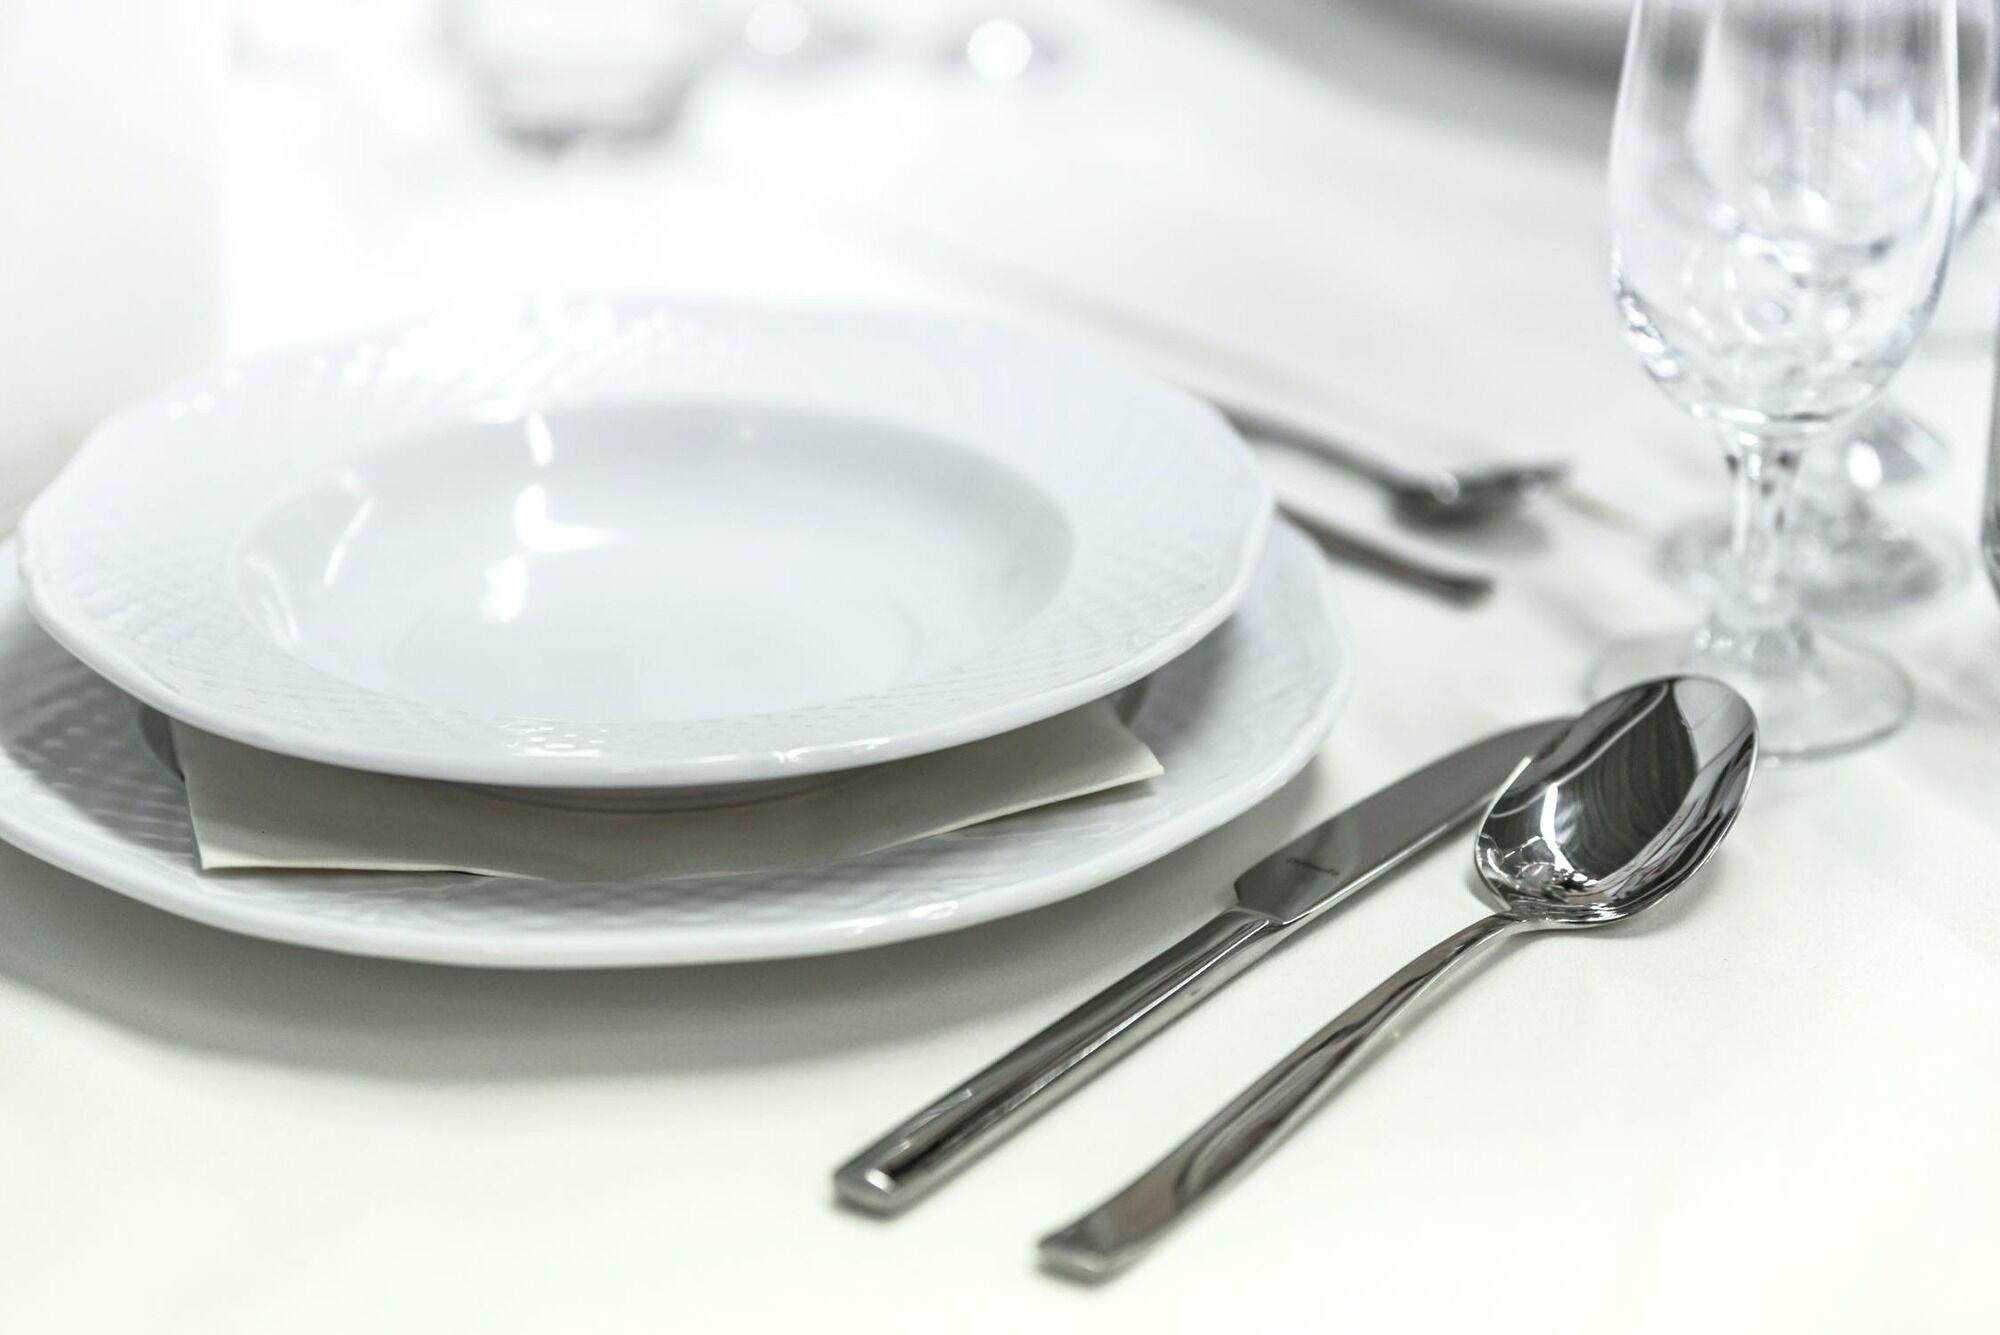 Тарелки, вилки и ложки должны быть идеально чистыми.